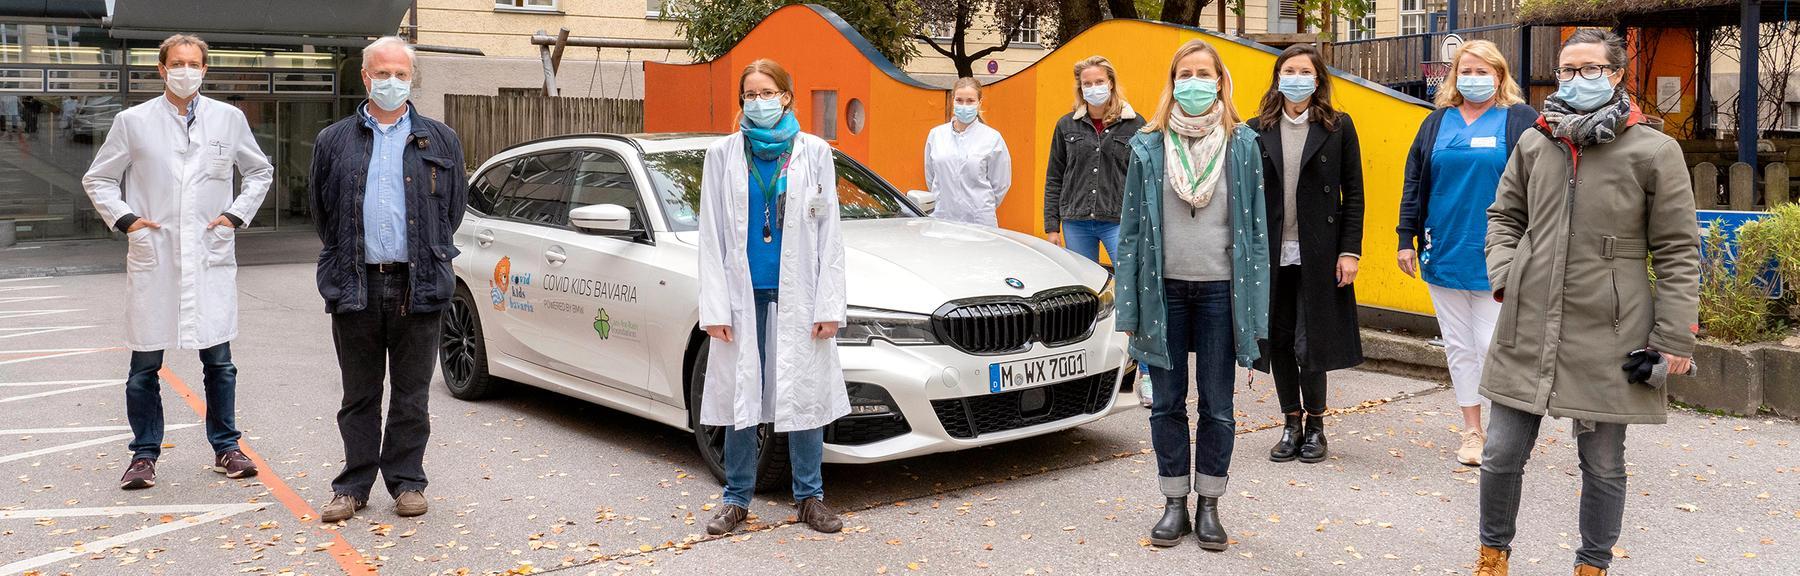 Studienteam des LMU Klinikum München